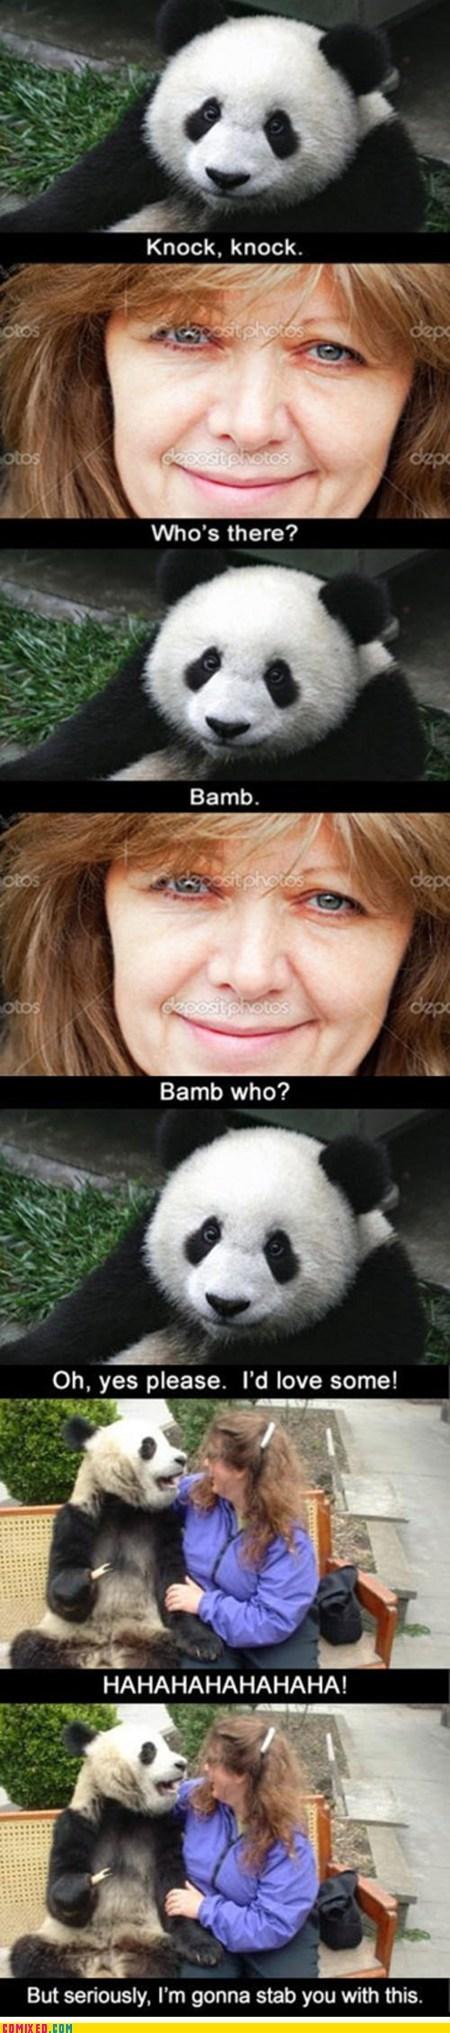 animals,best of week,cute,knock knock,panda,stabbed